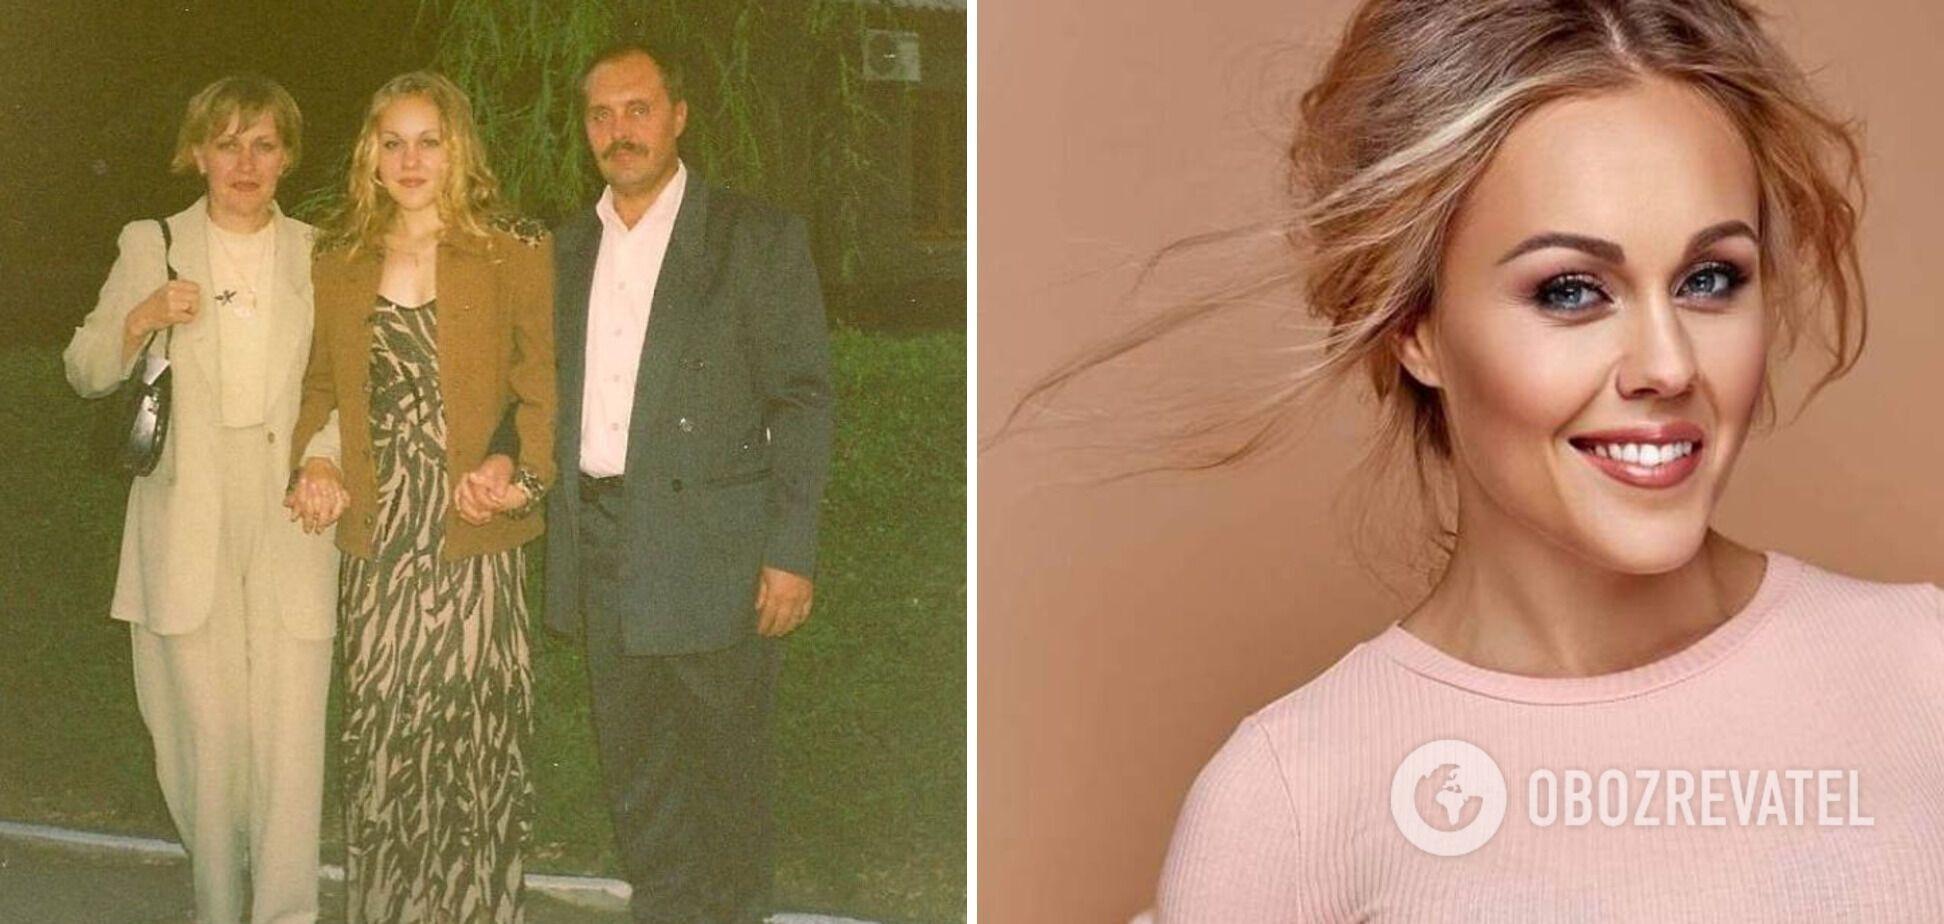 Співачка Альоша на випускному фото позує з батьками